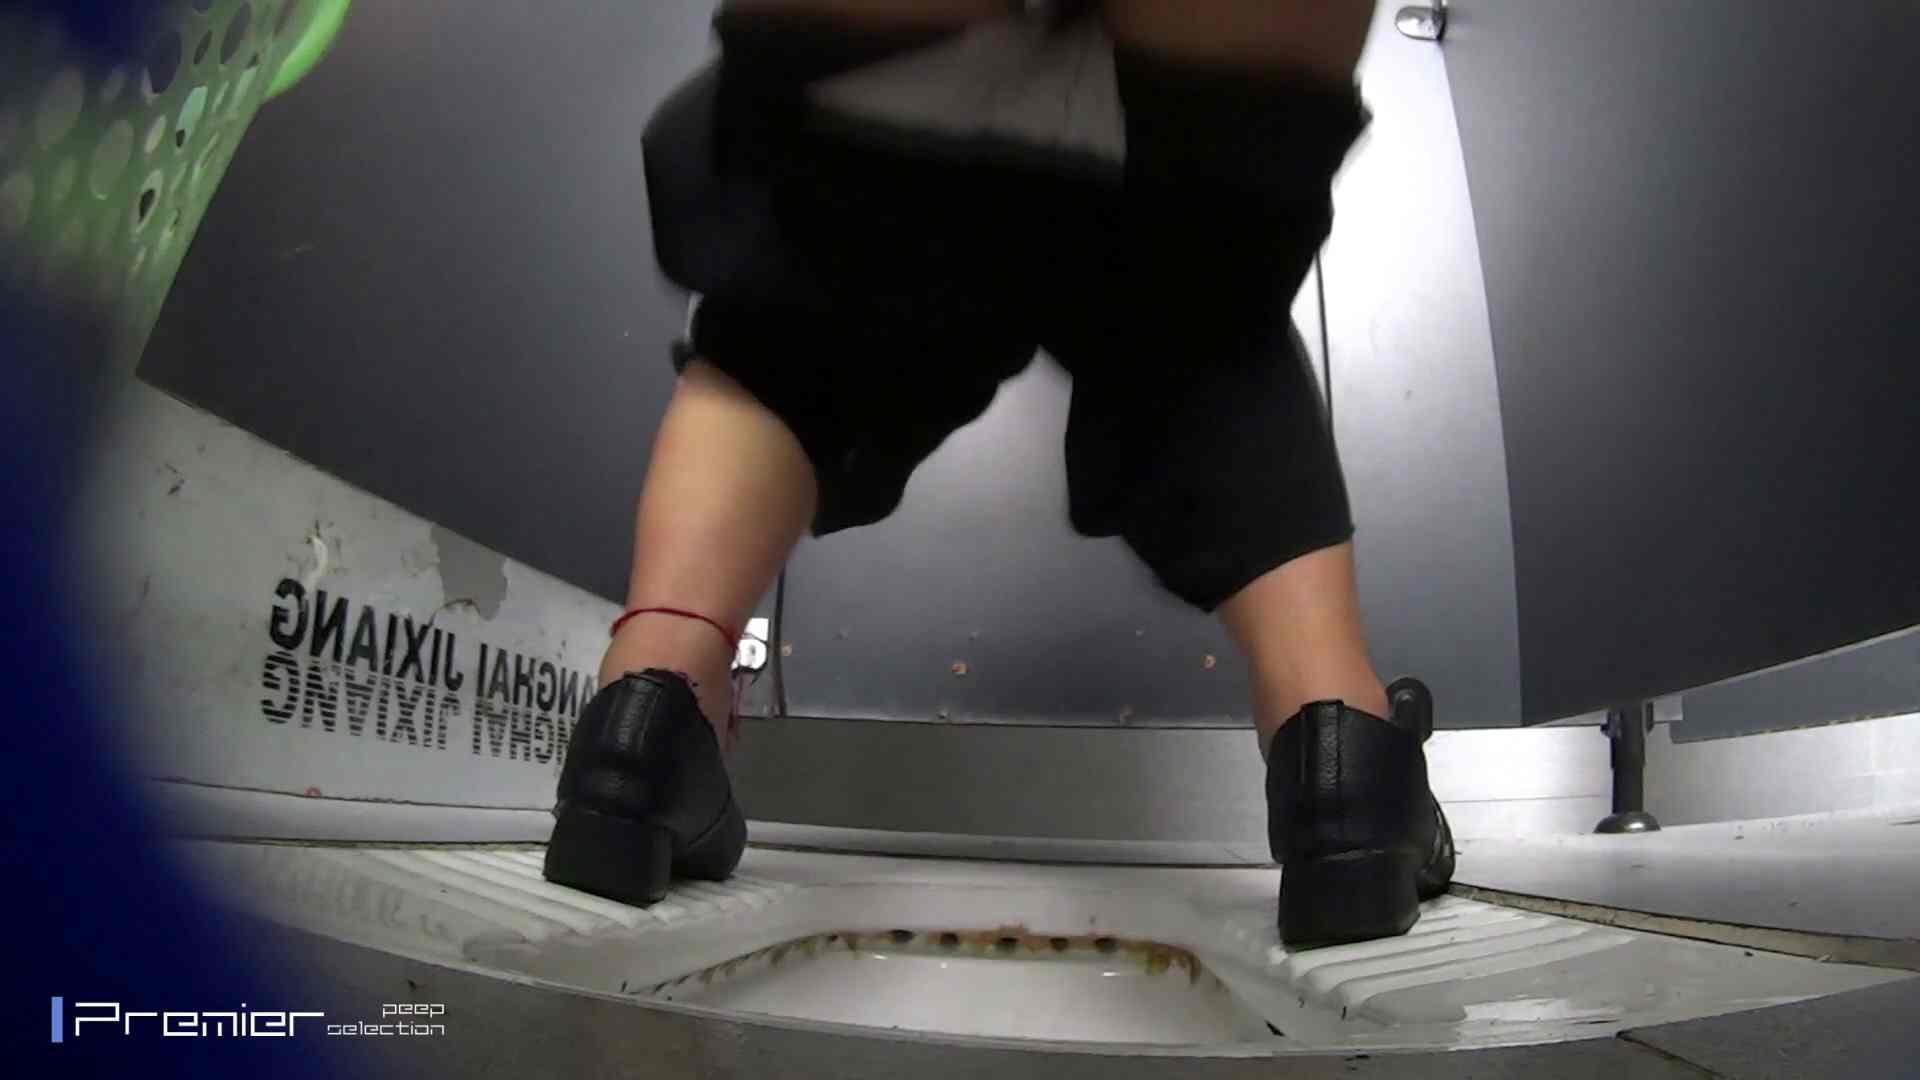 夏全開!ハーフパンツのギャル達 大学休憩時間の洗面所事情44 洗面所 セックス無修正動画無料 105画像 7